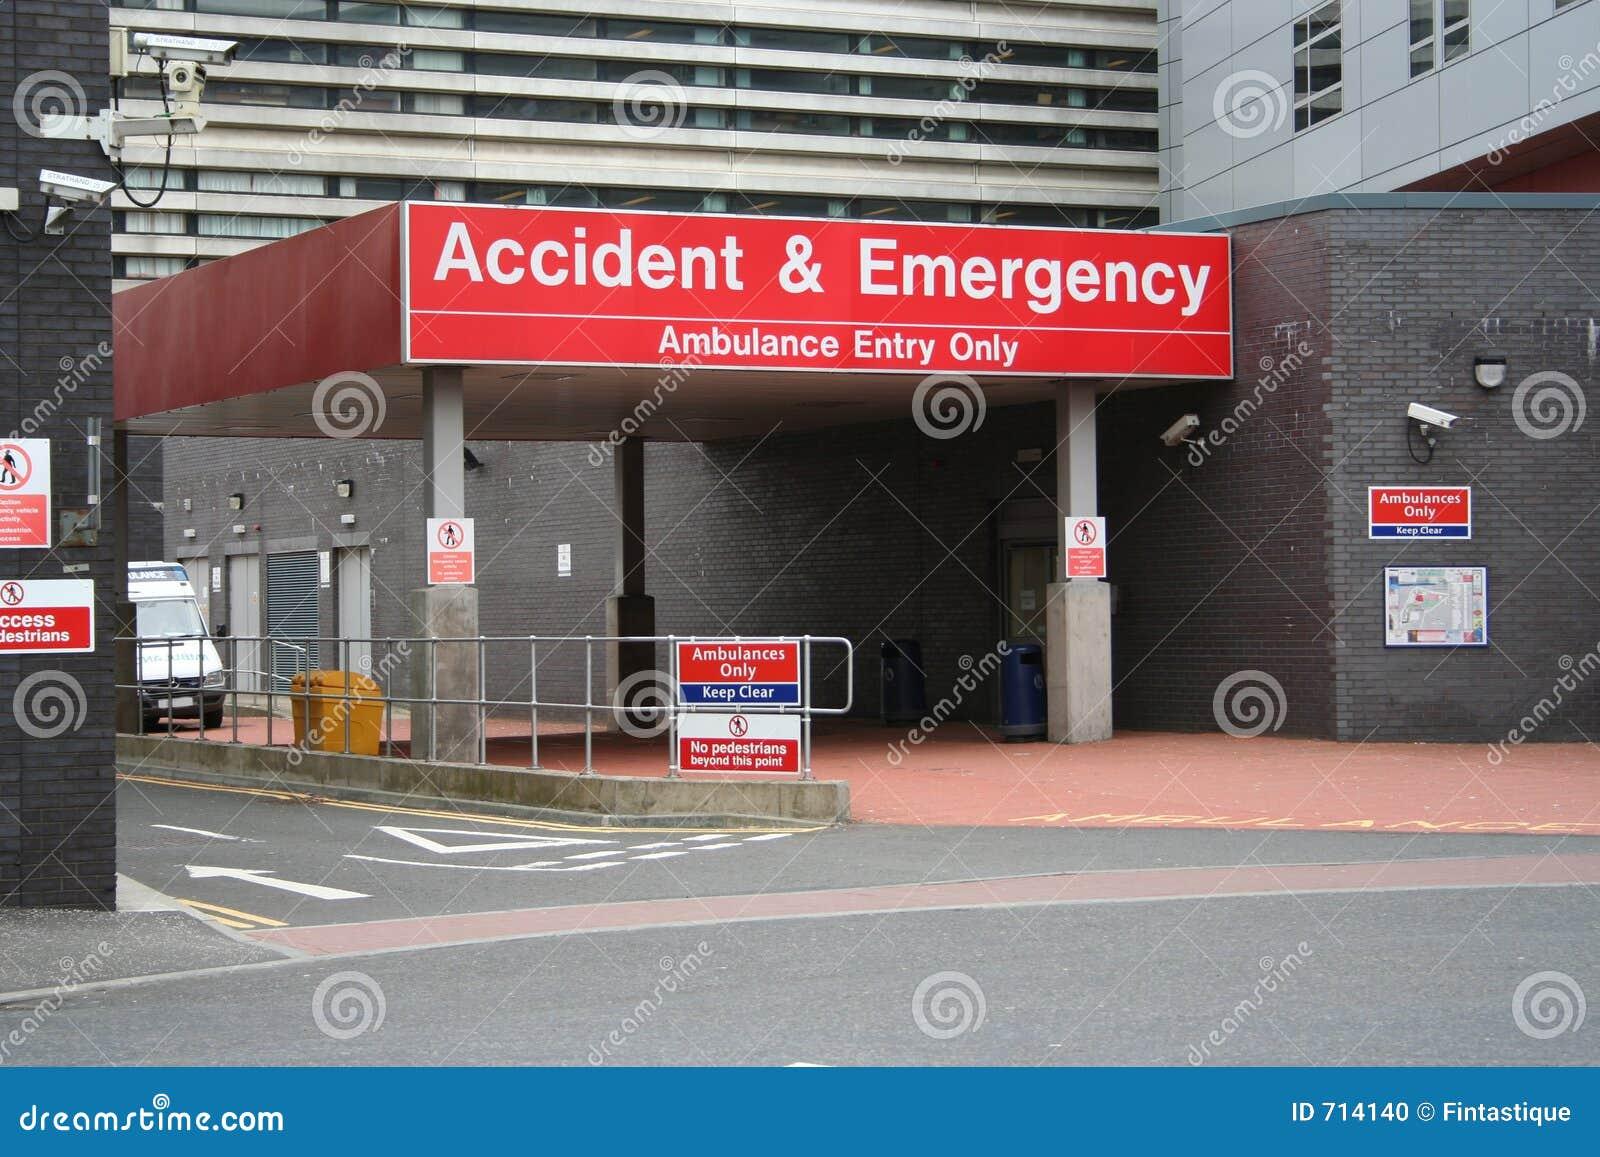 Ongeval en Noodsituatie